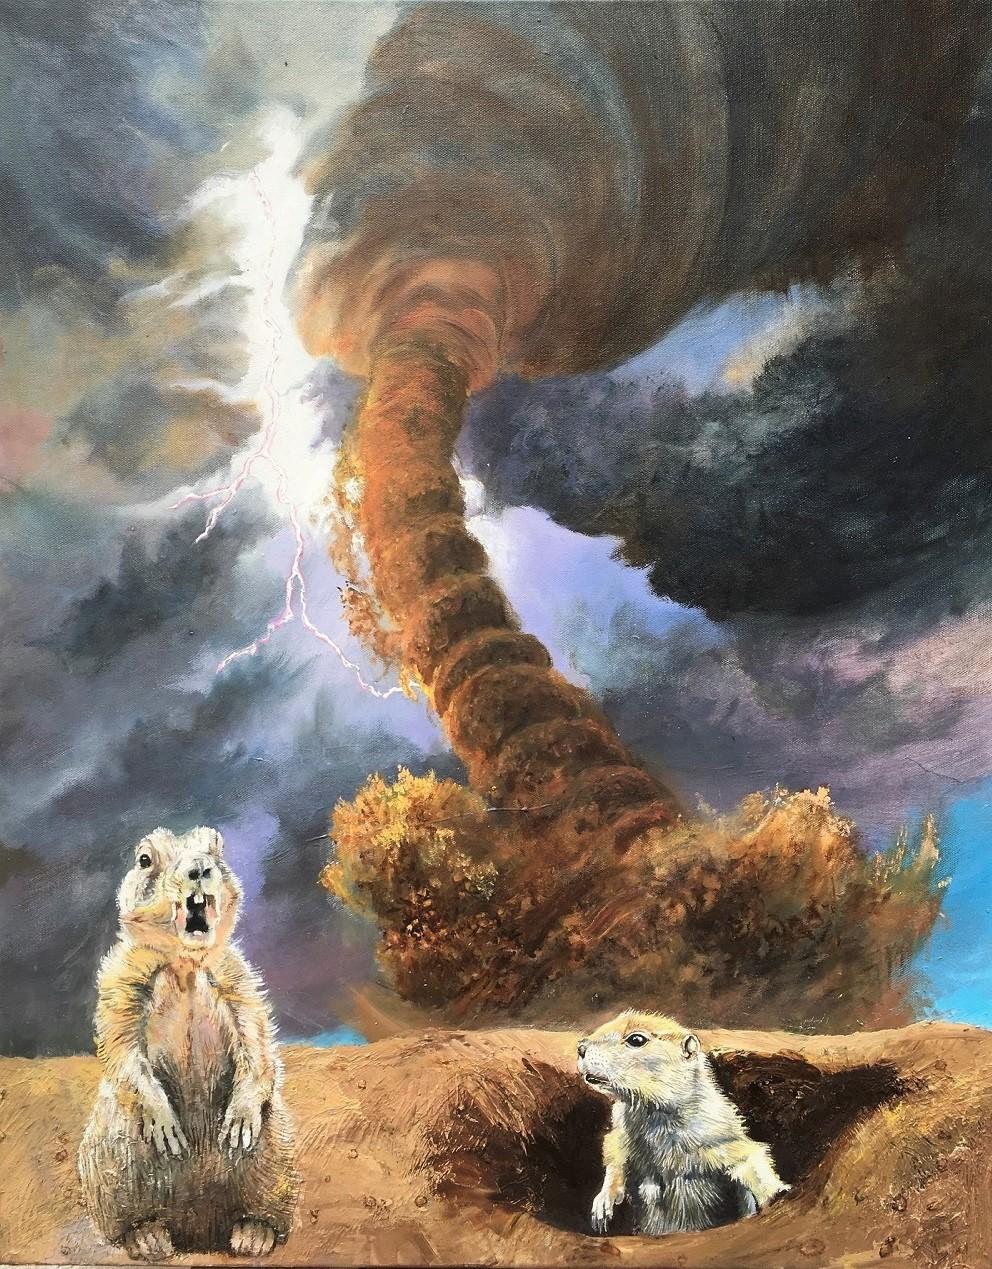 Chiens de prairie et tornade Huile sur toile 76 x 60 cm Gisèle Bryers